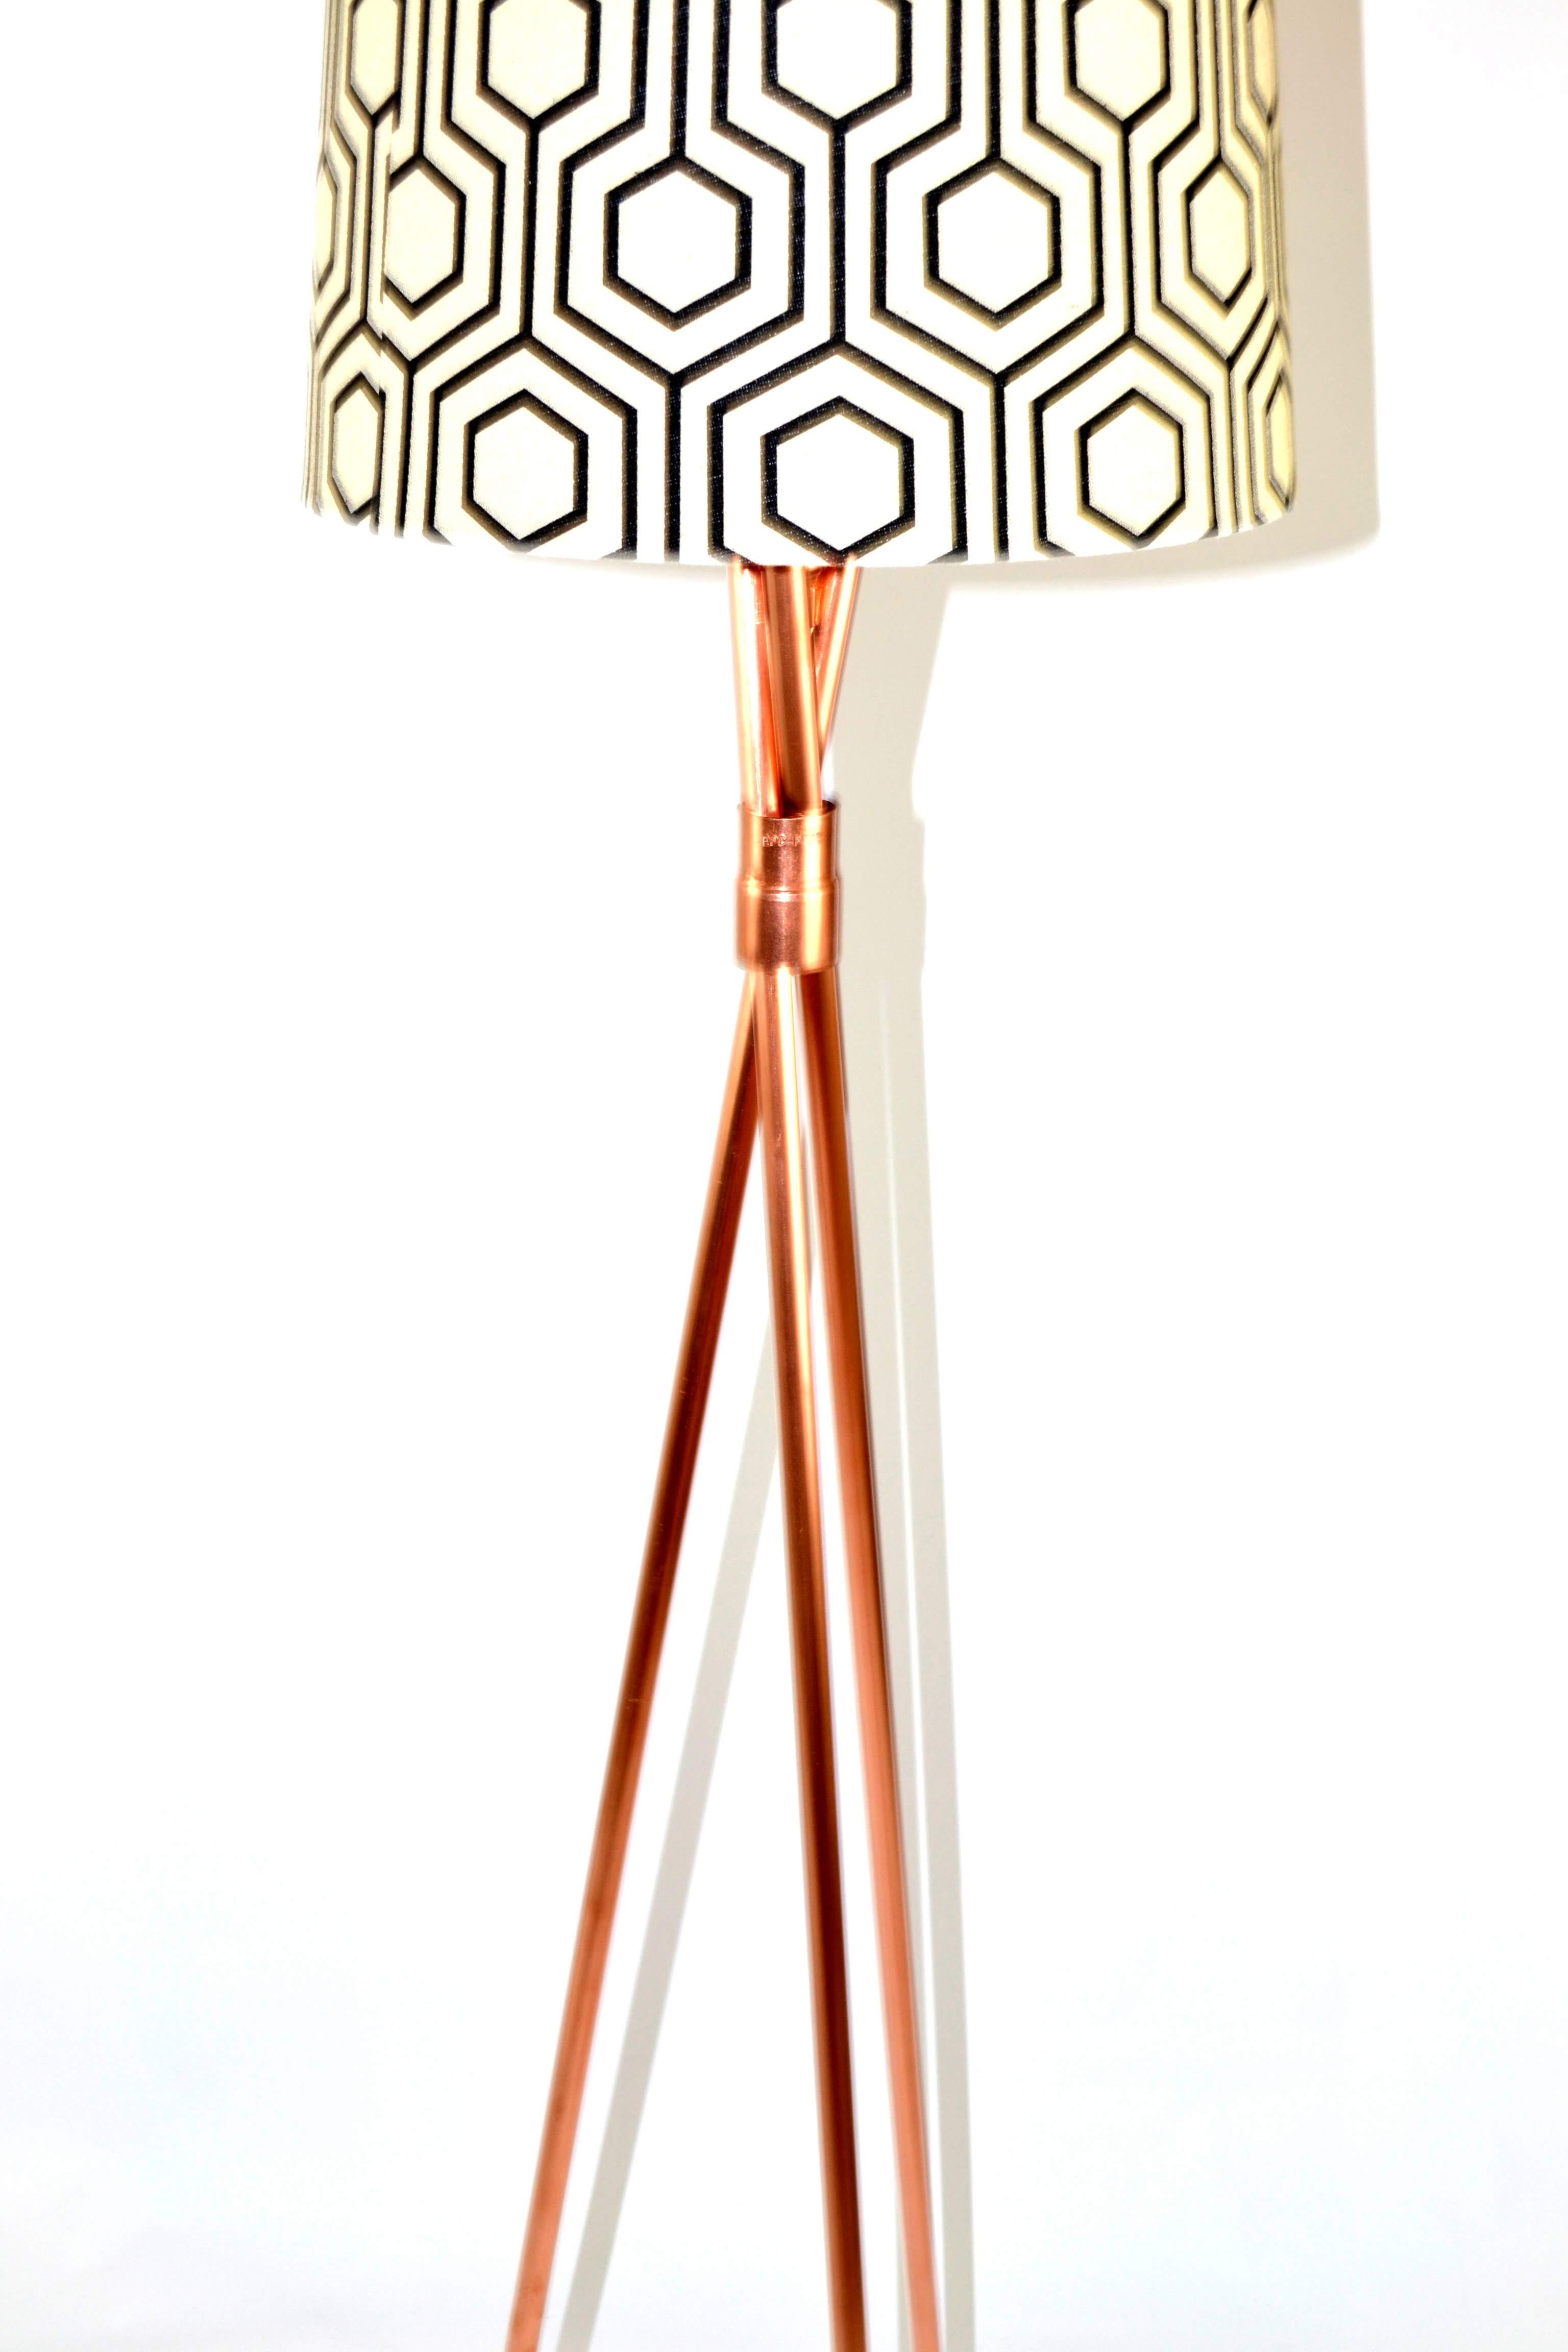 Copper Tripod V2 Closeup